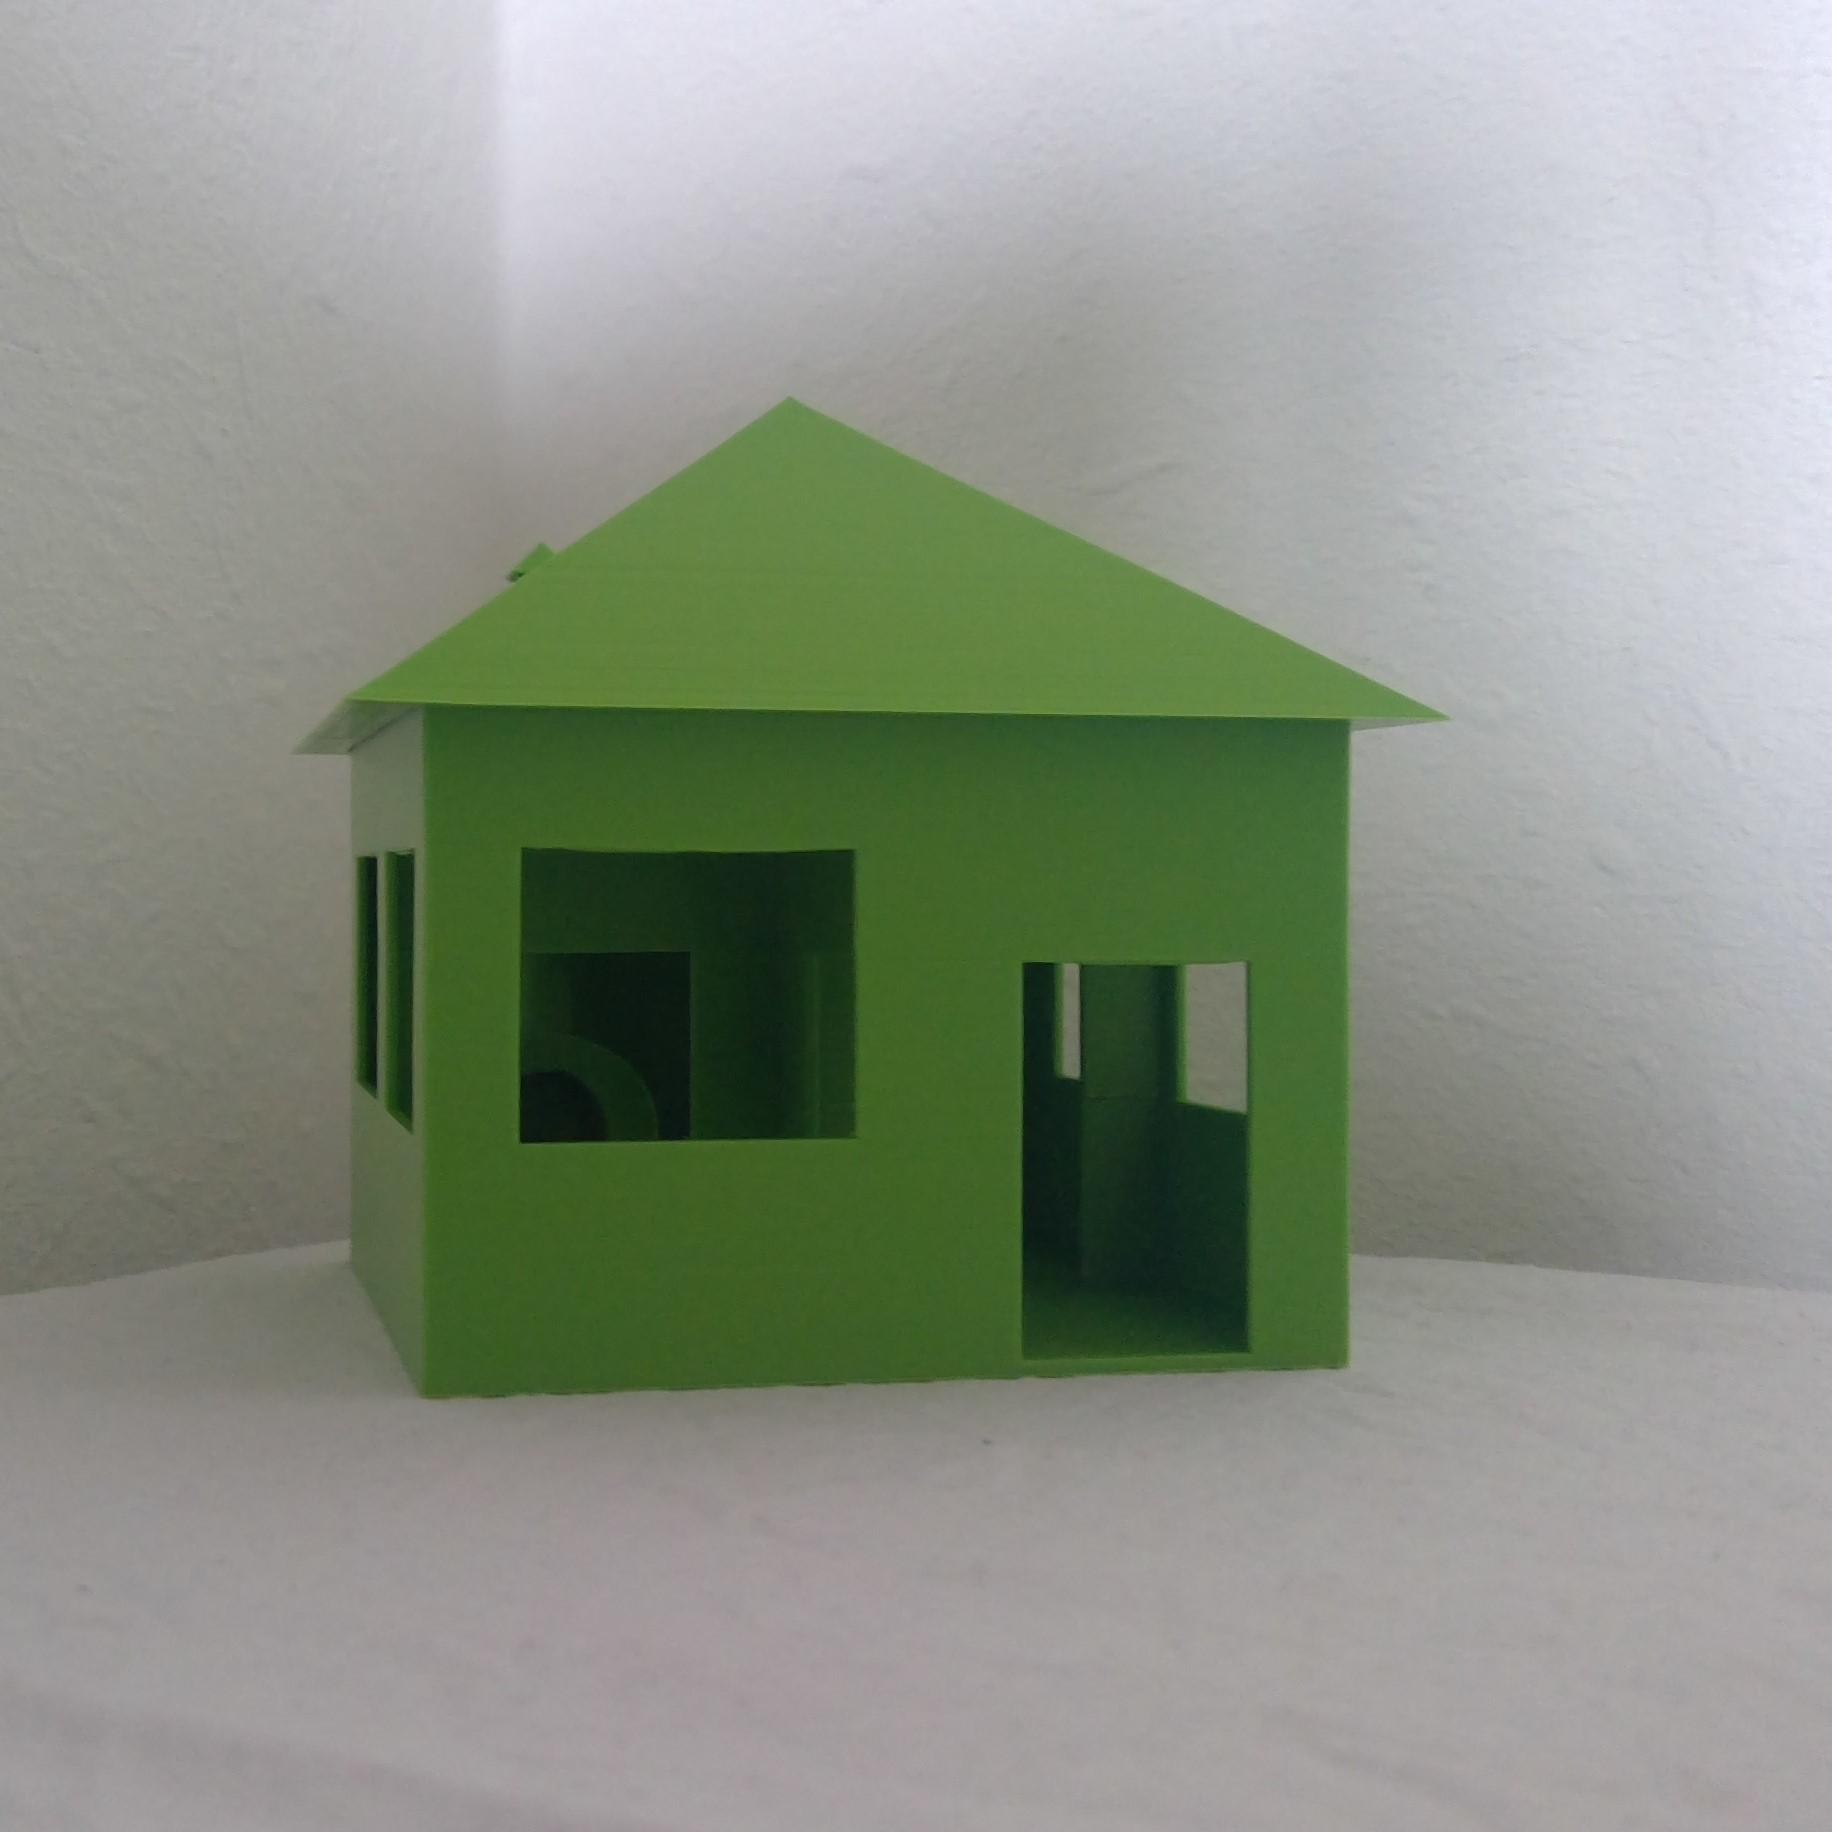 WIN_20180916_11_24_04_Pro.jpg Télécharger fichier STL gratuit Maison • Design à imprimer en 3D, Lisu_001